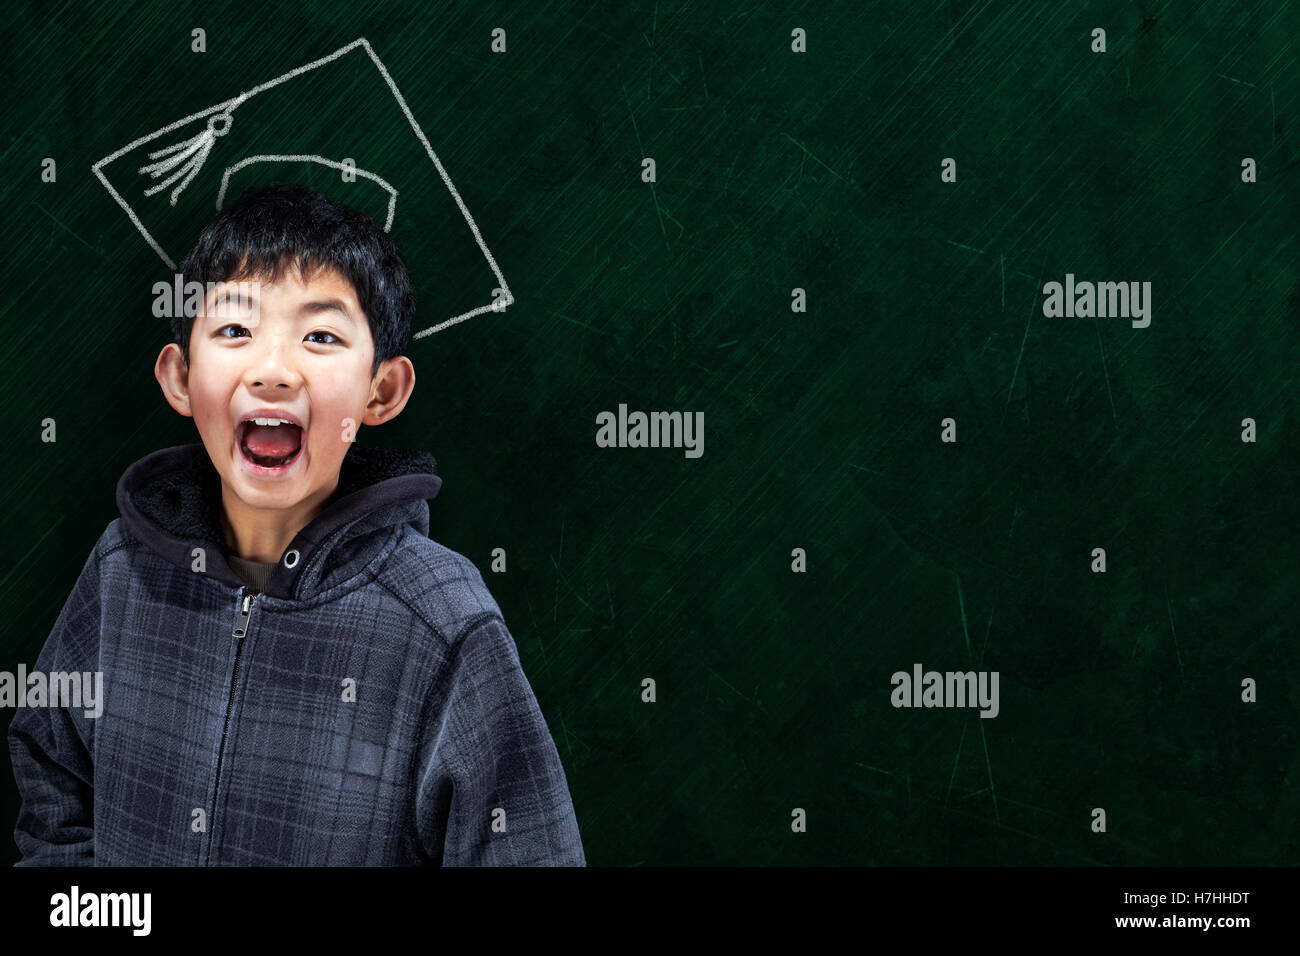 Jubilent Asian Boy In Klassenzimmer Mit Diplom Hut Auf Tafel Hintergrund Und Kopie Raum Konzept